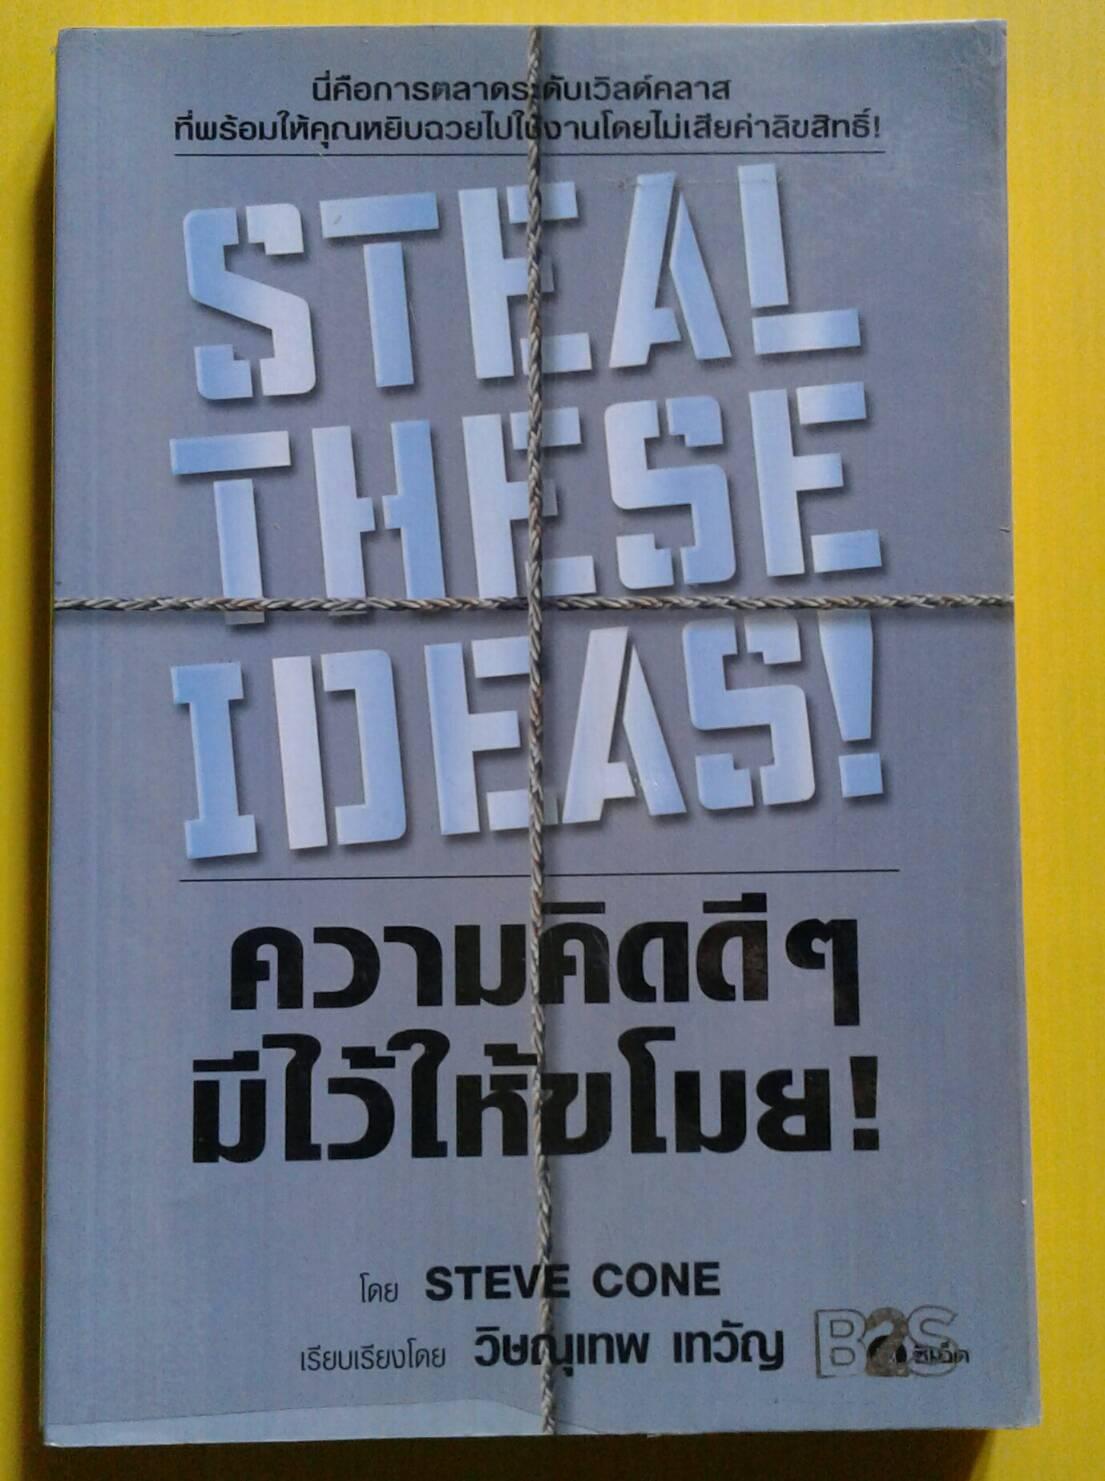 ความคิดดีๆ มีไว้ให้ขโมย : Steal The Seide